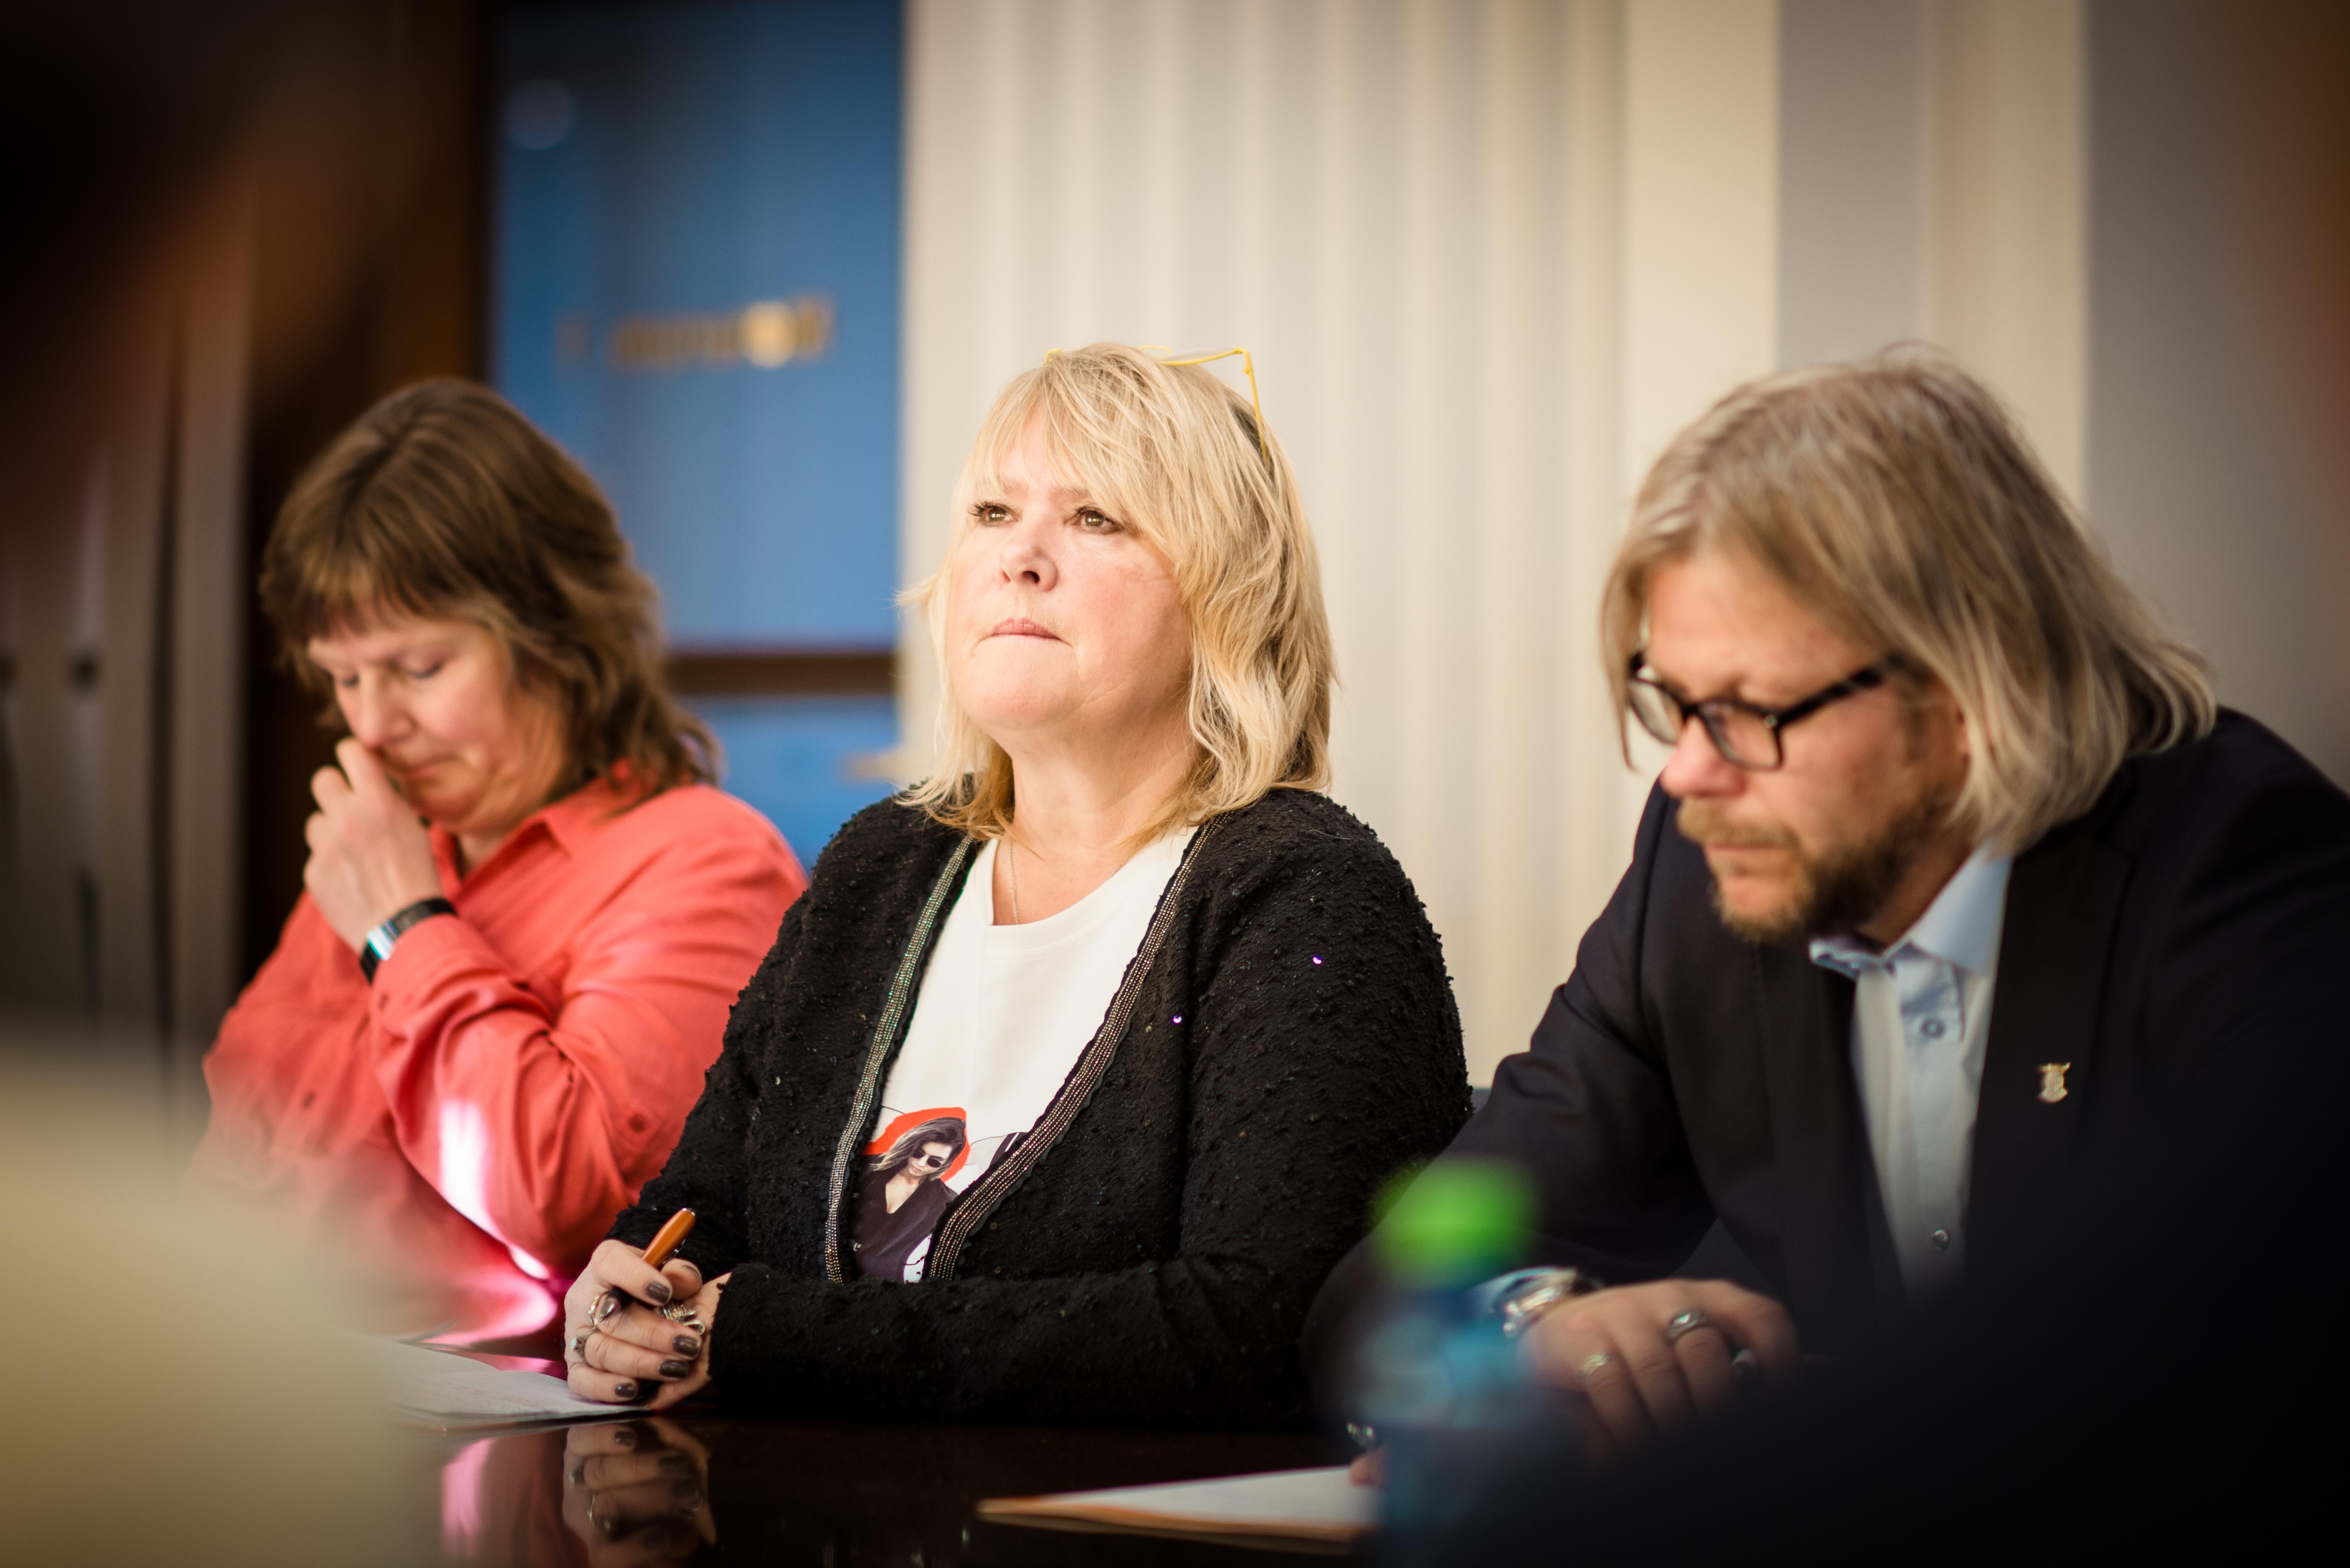 BYGGE VIDERE: – Vi skal bygge videre på avtalen vi har landet i dag, sier Jane Brekkhus Sæthre, forbundsleder i Norsk Jernbaneforbund.